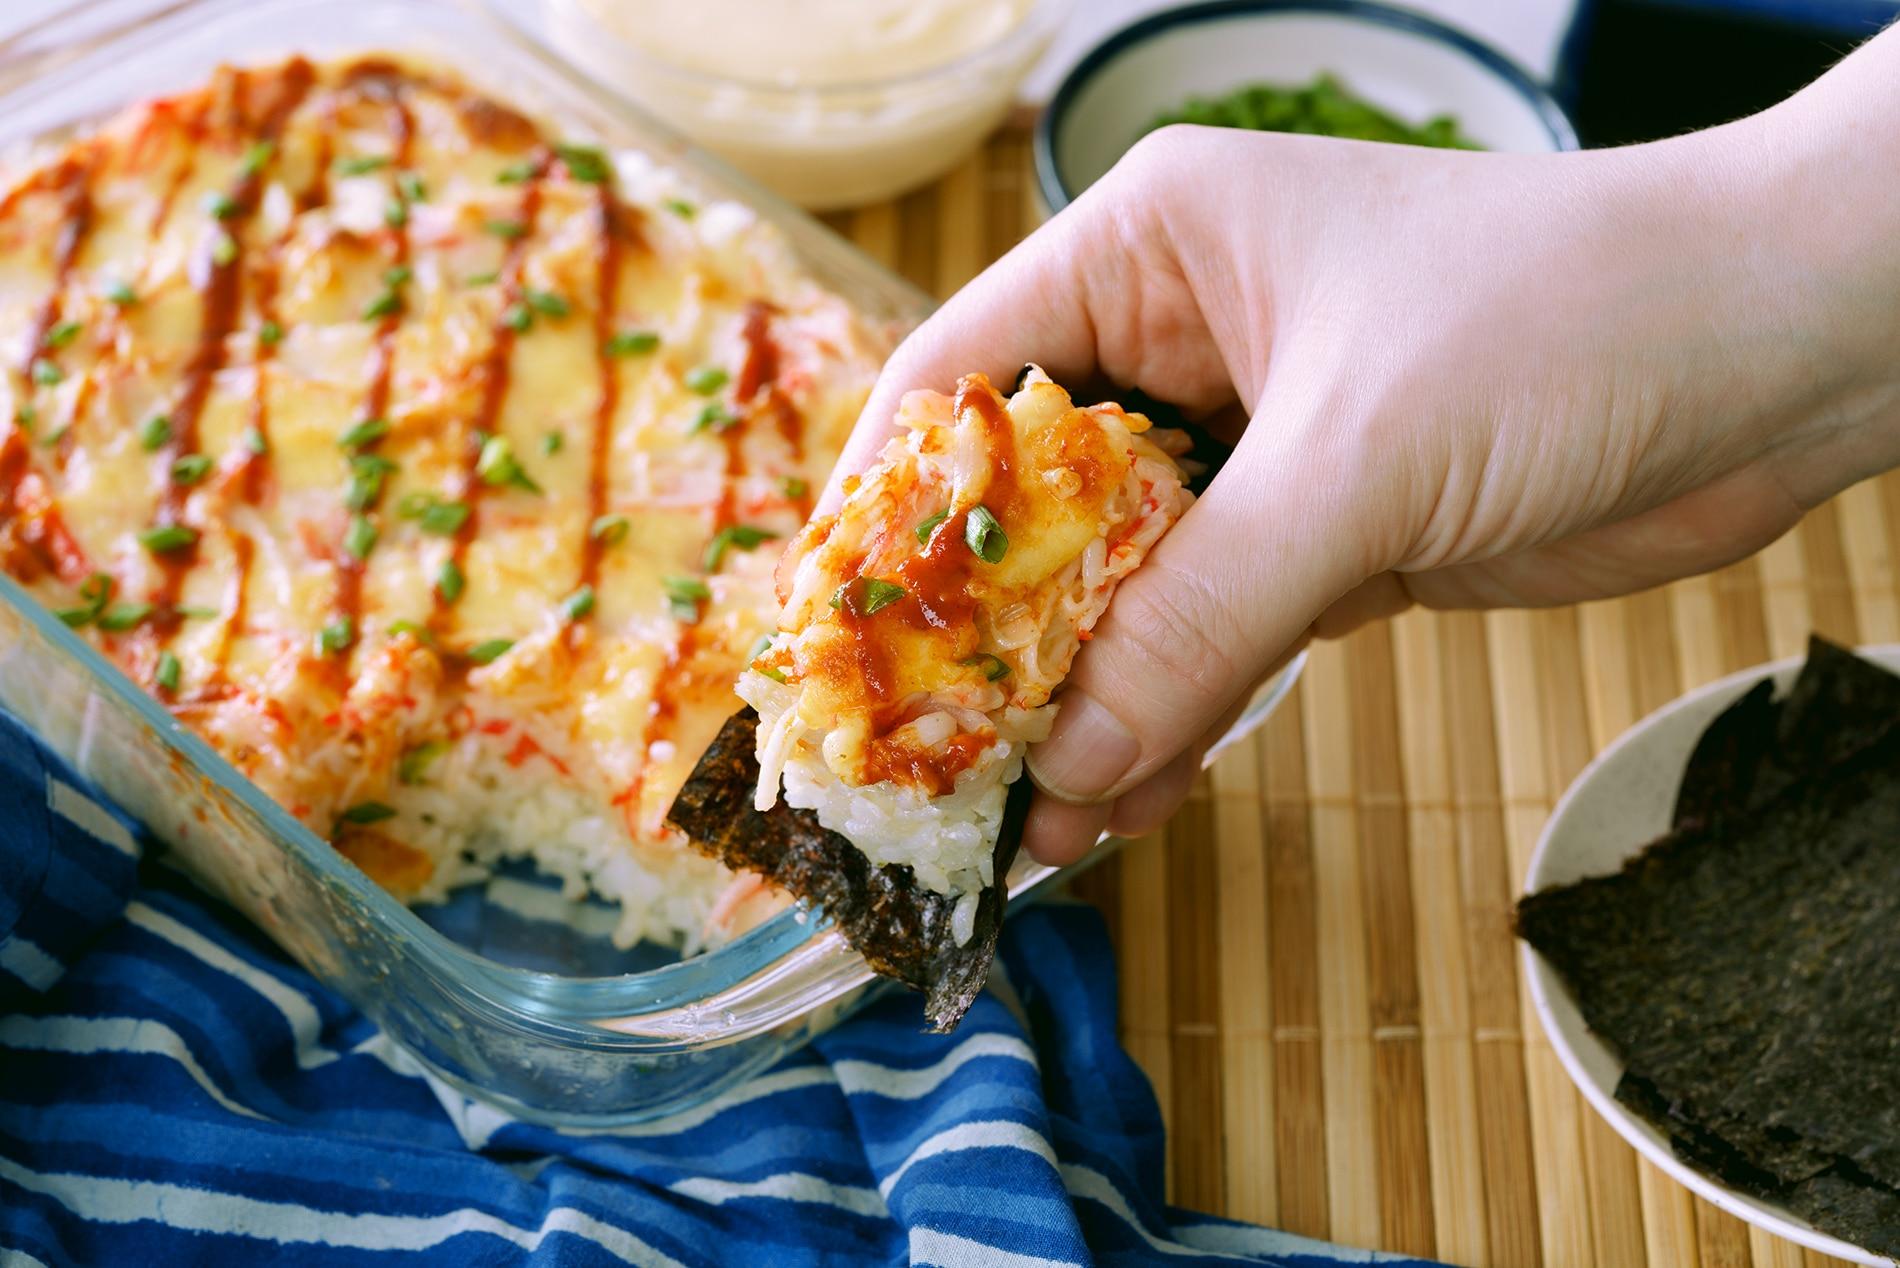 tray of baked sushi casserole